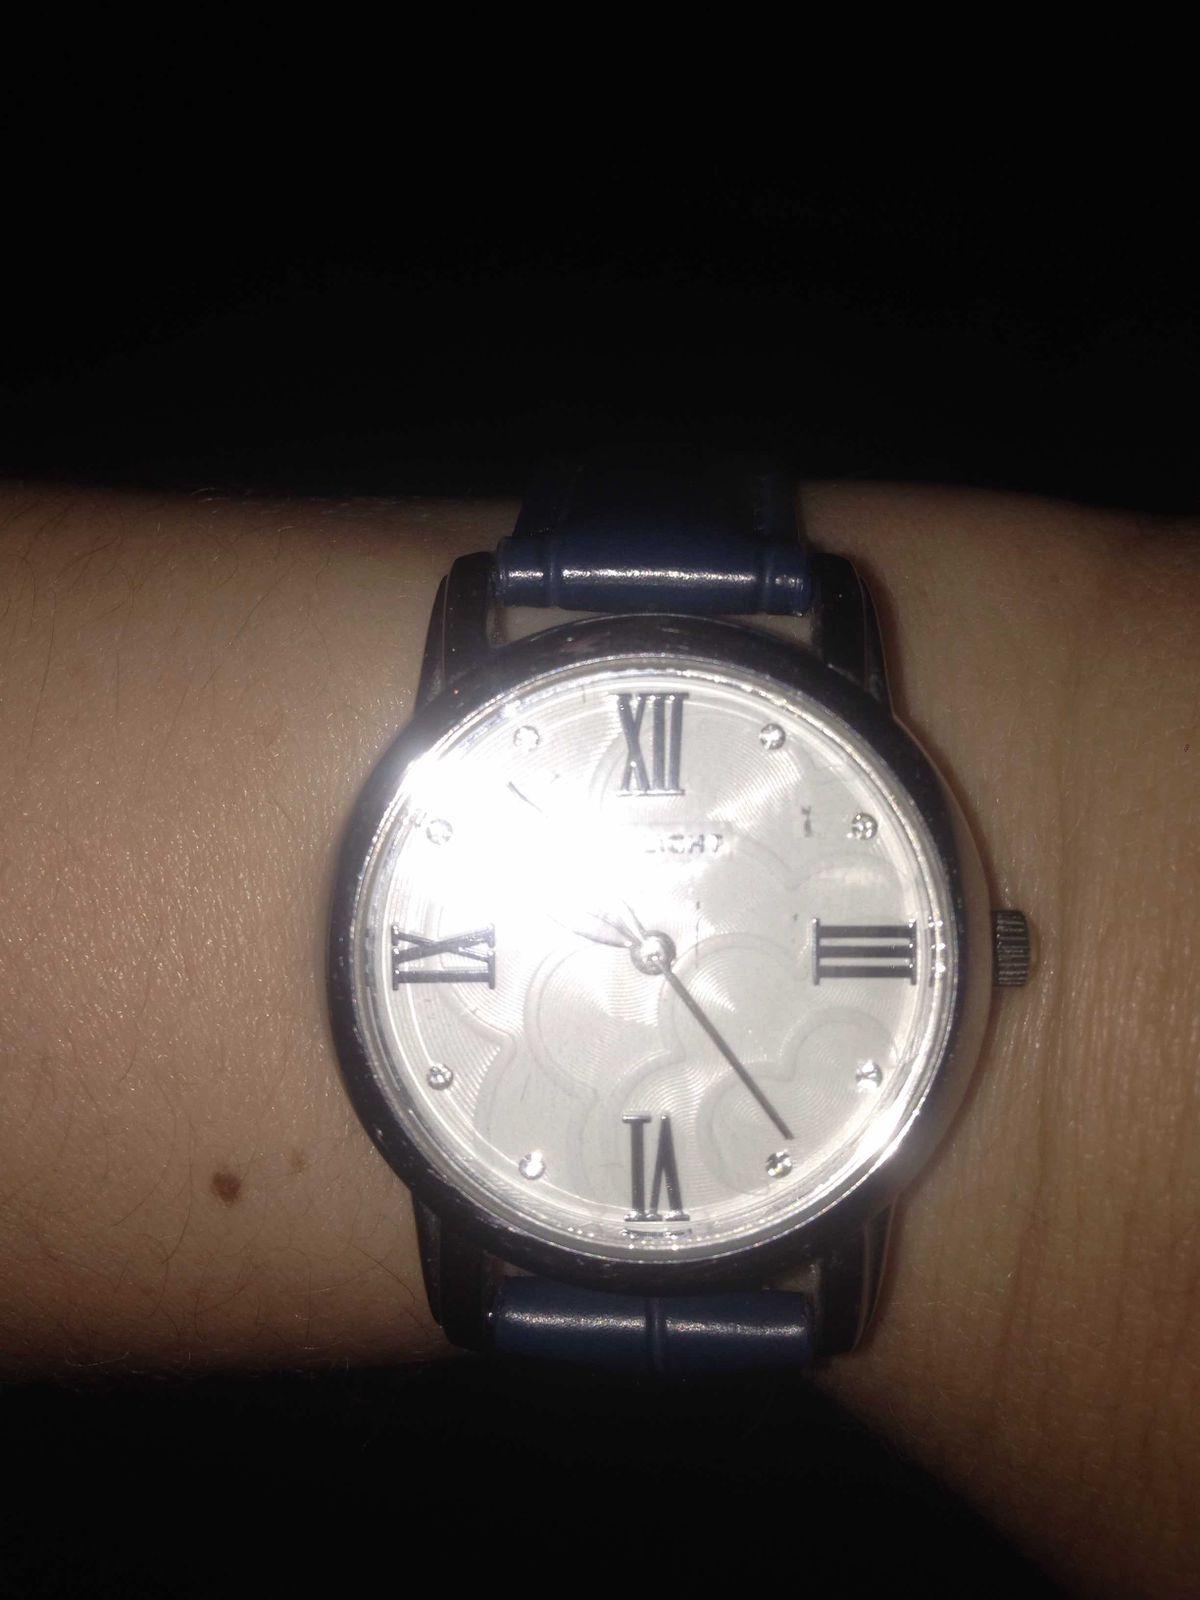 Умопомрачительные часы! мне безумно нравятся! цвет и дизайн, что стрелки!!!